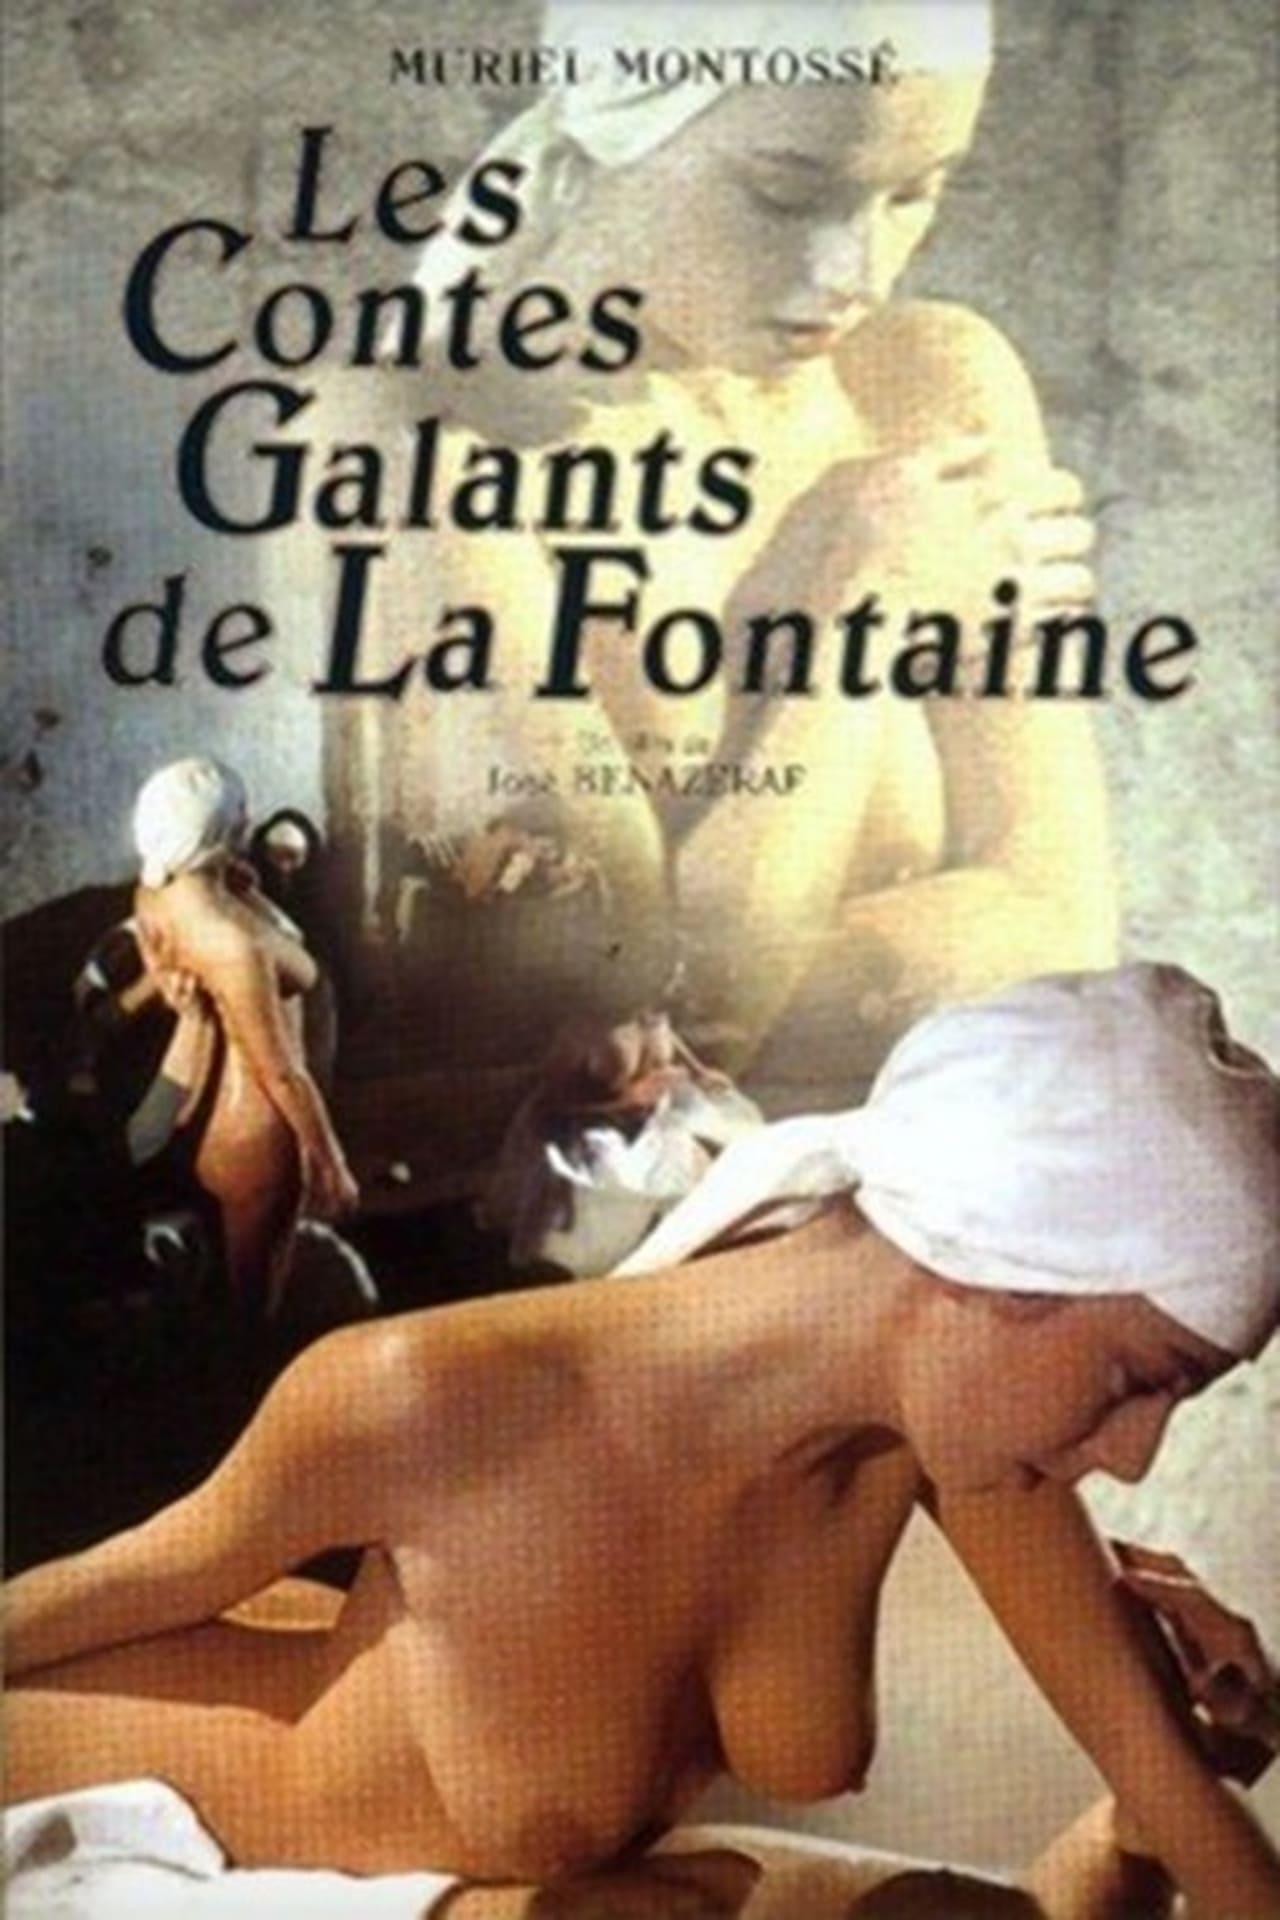 Les contes de La Fontaine